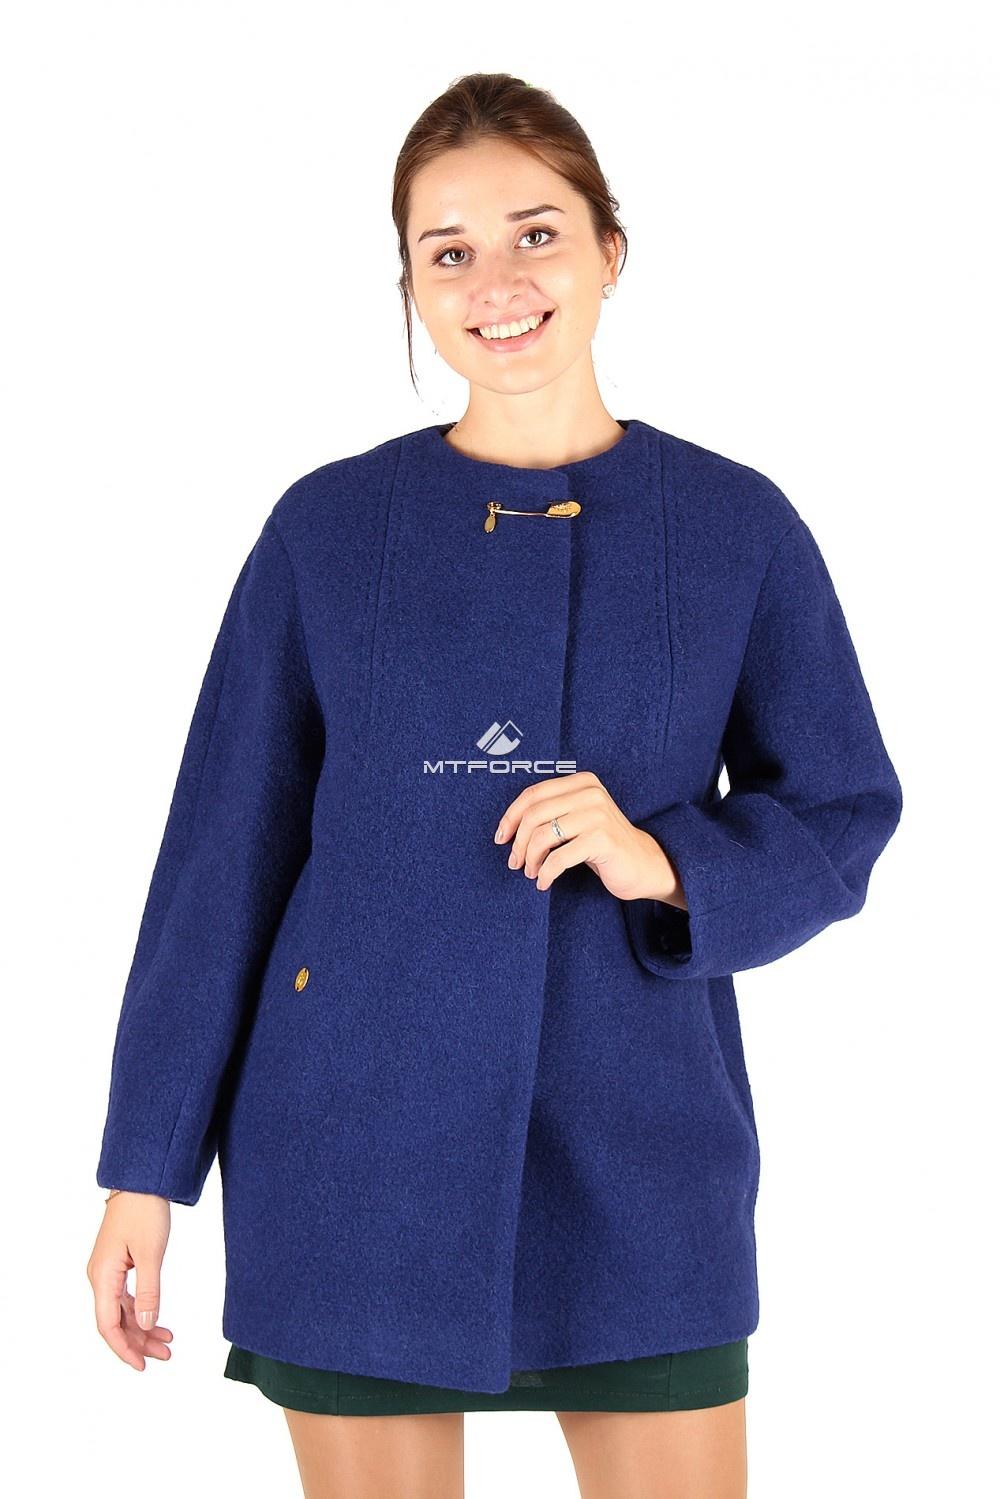 Купить                                  оптом Полупальто женское синего цвета 358-1S в Санкт-Петербурге